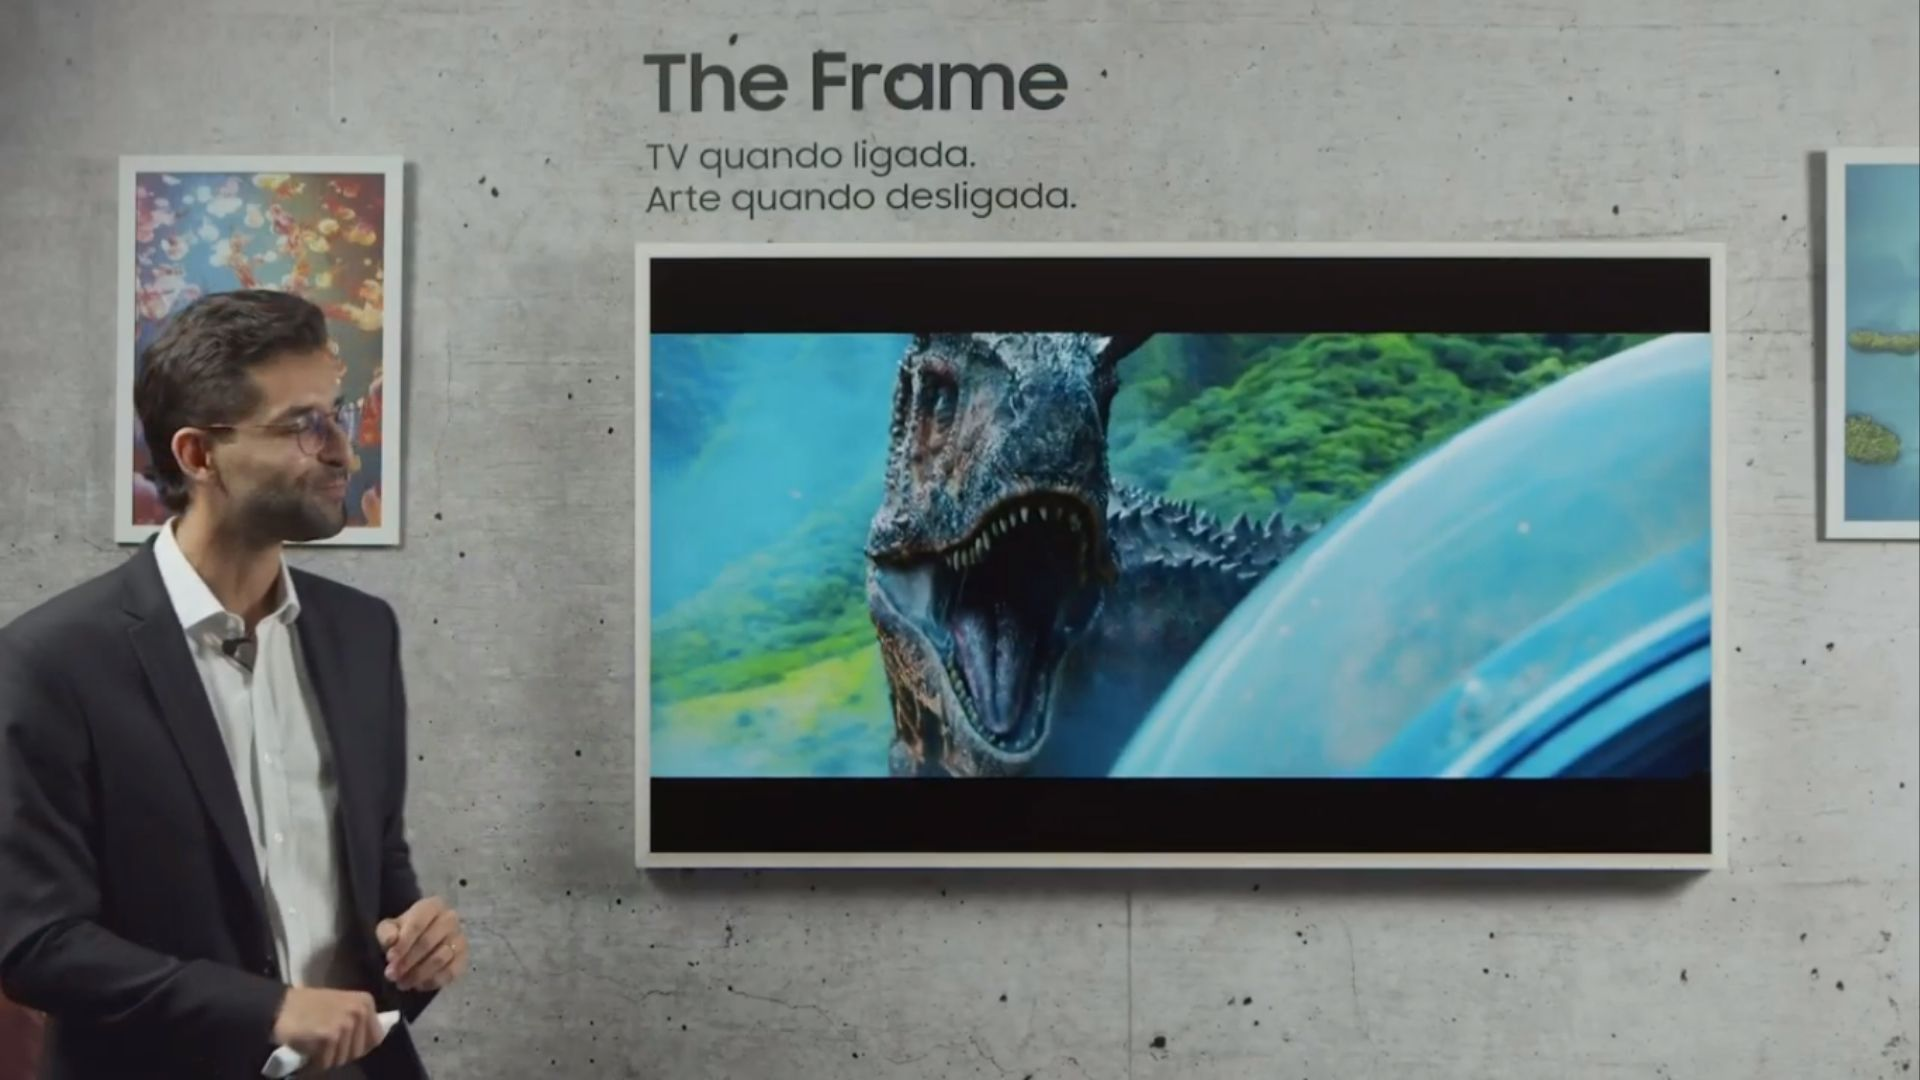 Samsung The Frame 2020 chega com uma vasta biblioteca de obras de arte, para decorar sua casa. (Imagem: Reprodução/Samsung)